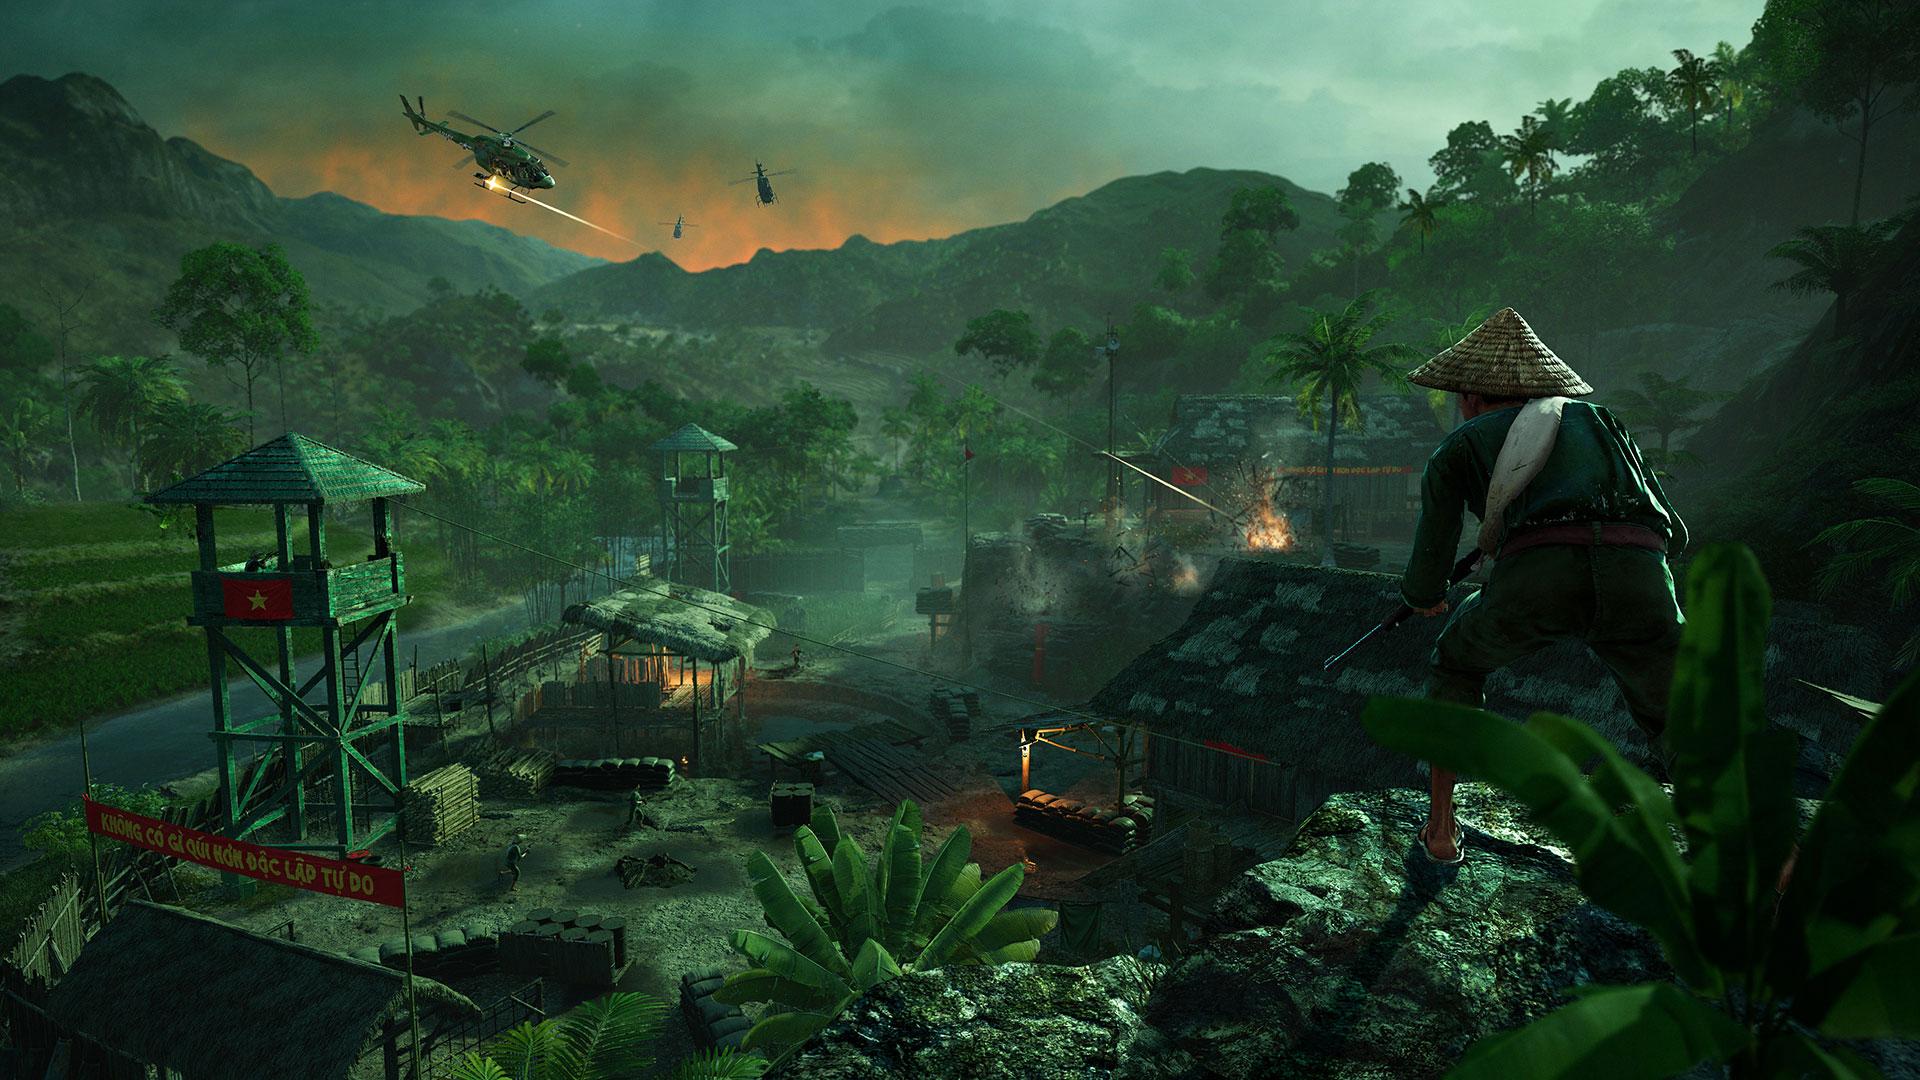 """Das erste Add-On """"Hours of Darkness"""" versetzte den Spieler nach Vietnam. Leider stieß die Erweiterung wegen ihres geringen Umfangs von rund drei Spielstunden auf wenig Gegenliebe."""